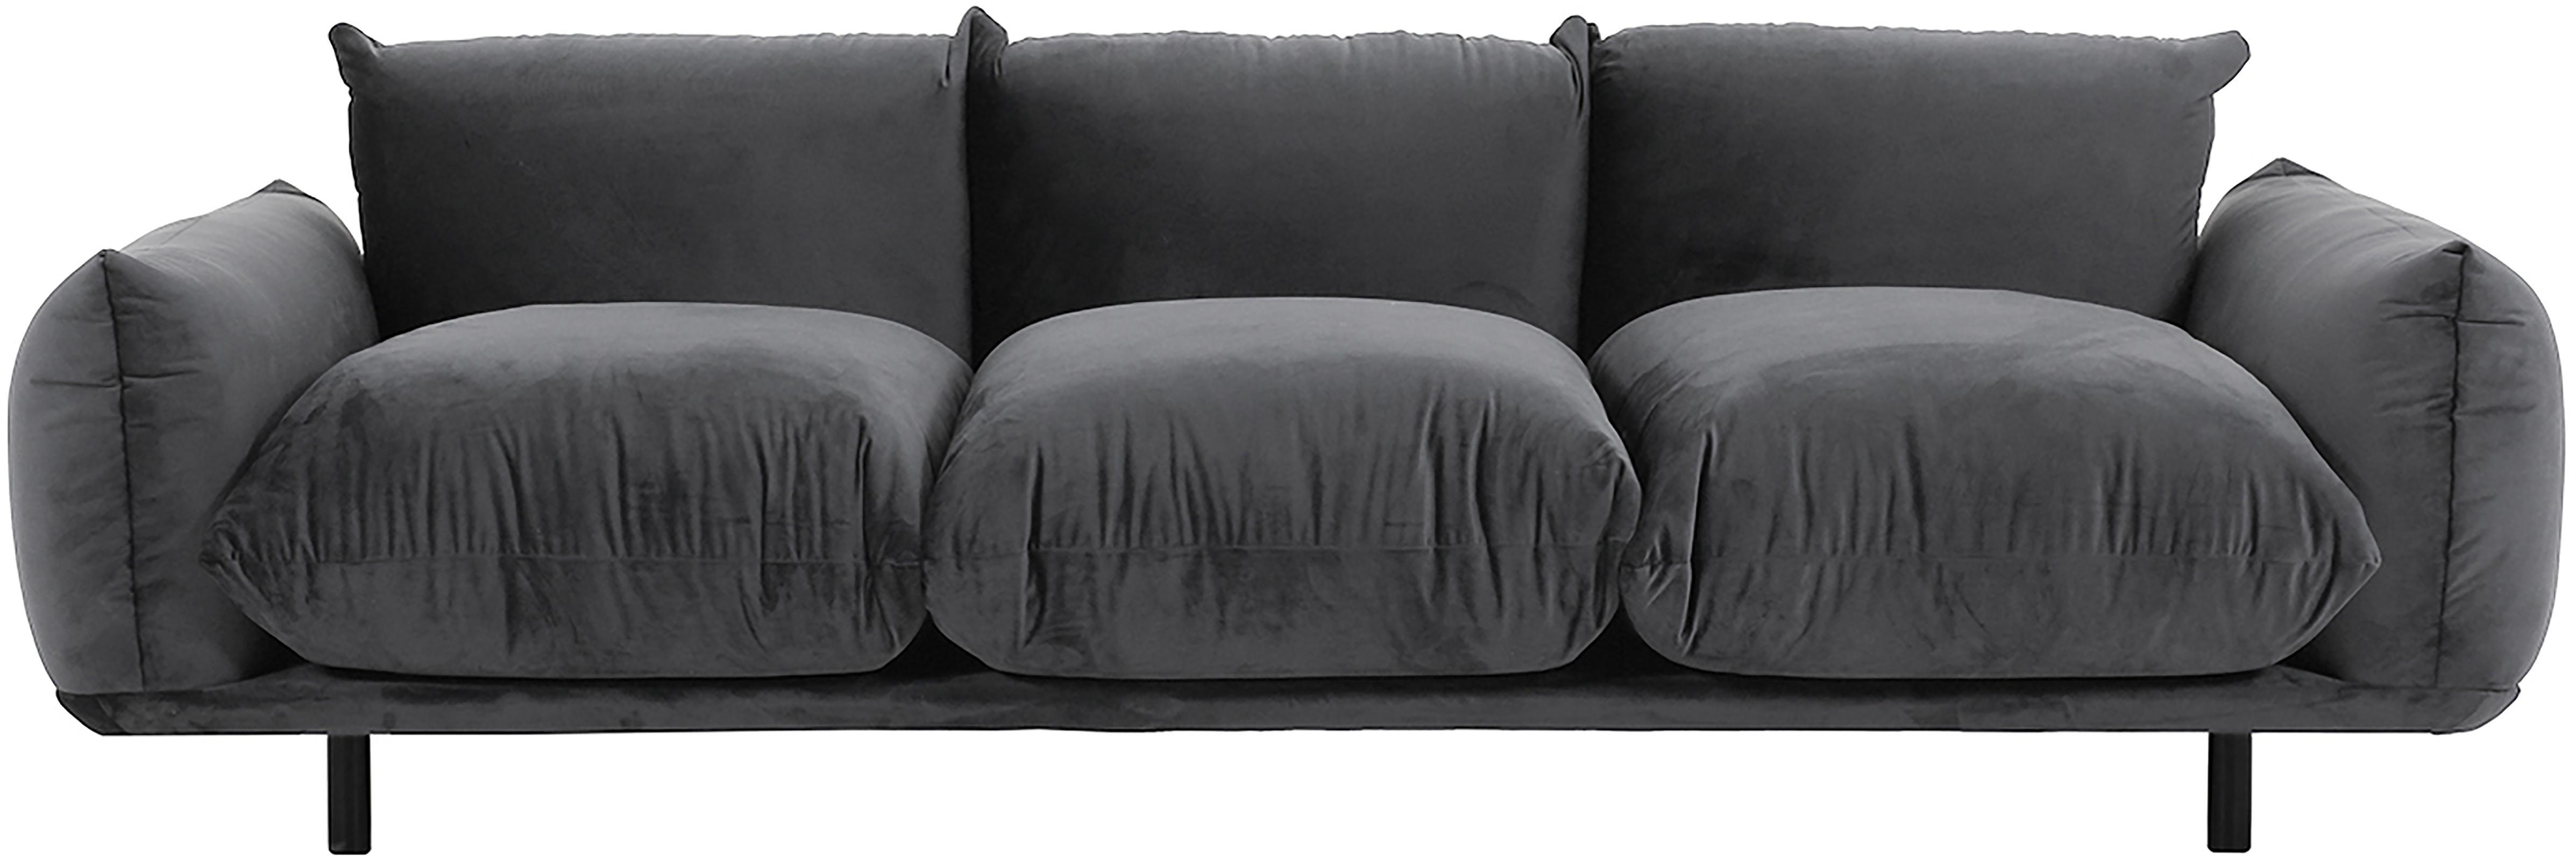 Fluwelen bank Saga (4-zits), Bekleding: 100% polyesterfluweel, Frame: massief berkenhout, Poten: gepoedercoat metaal, Donkergrijs, B 232 x D 103 cm